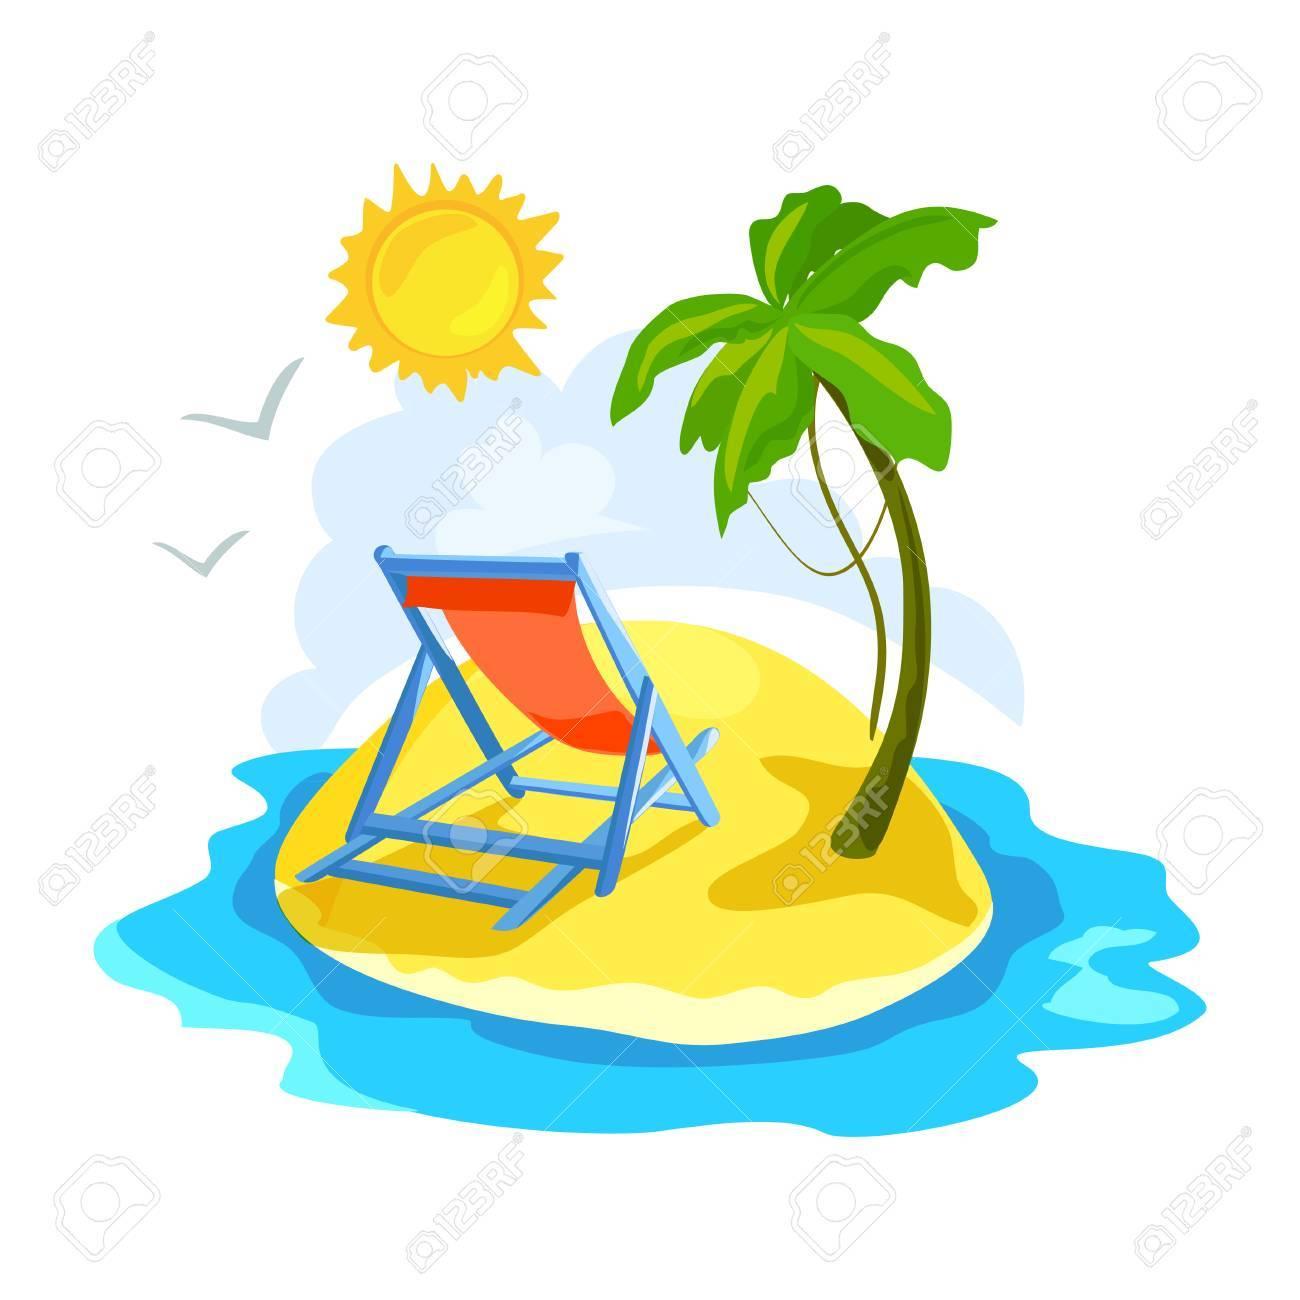 Palmiers Chaise Des Le Avec Et LongueIllustration Une Vectorielle Tropicale zpLqUVGSM